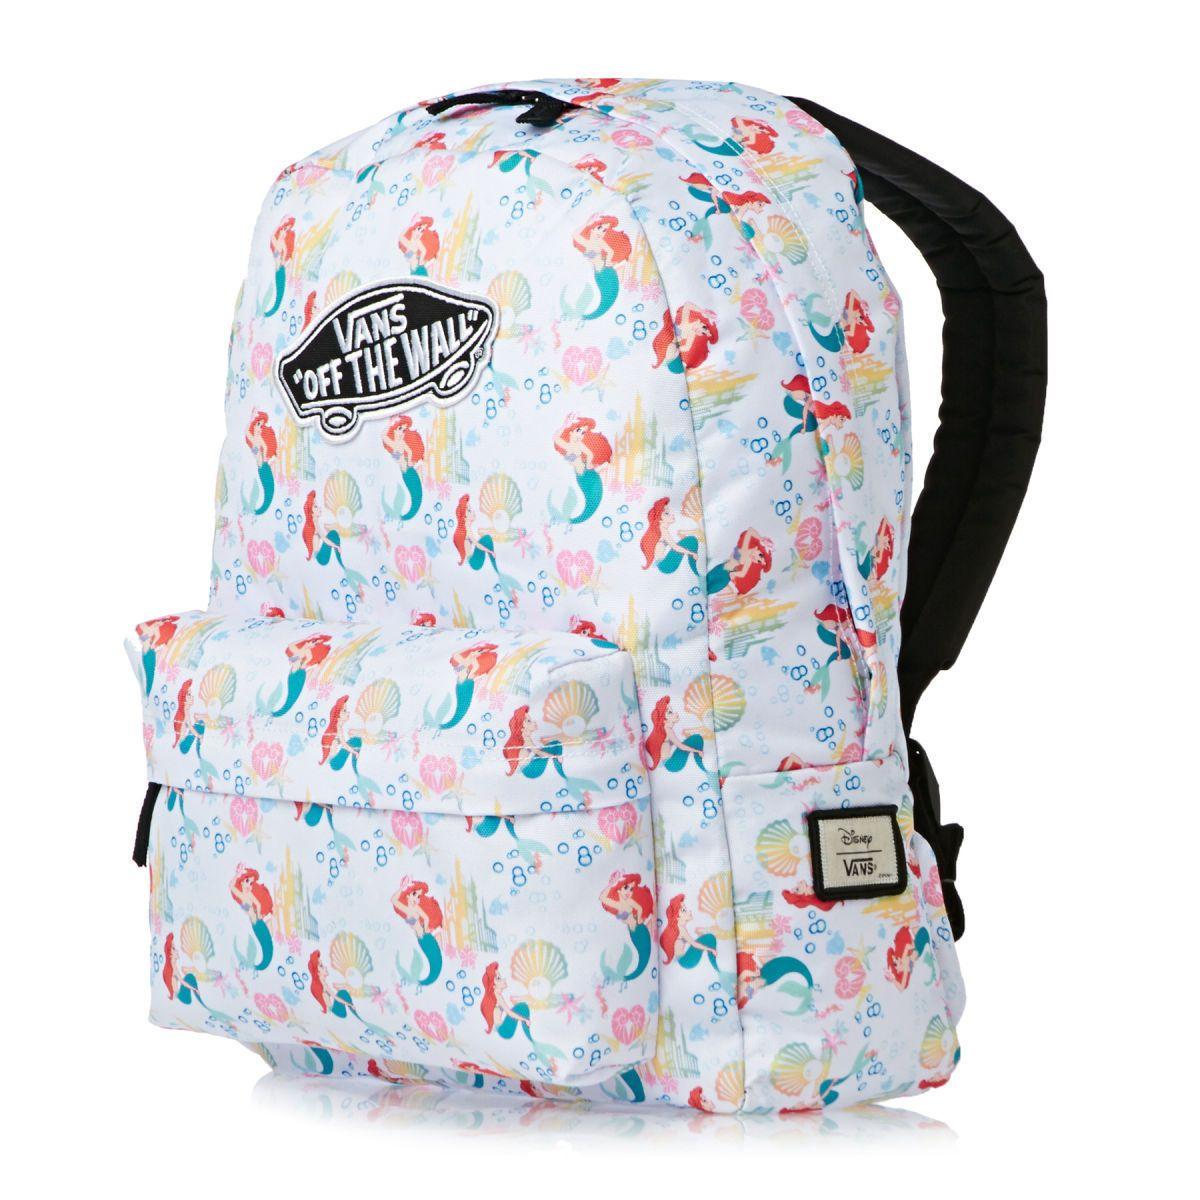 245cc8de85 van school bags sale   OFF45% Discounts